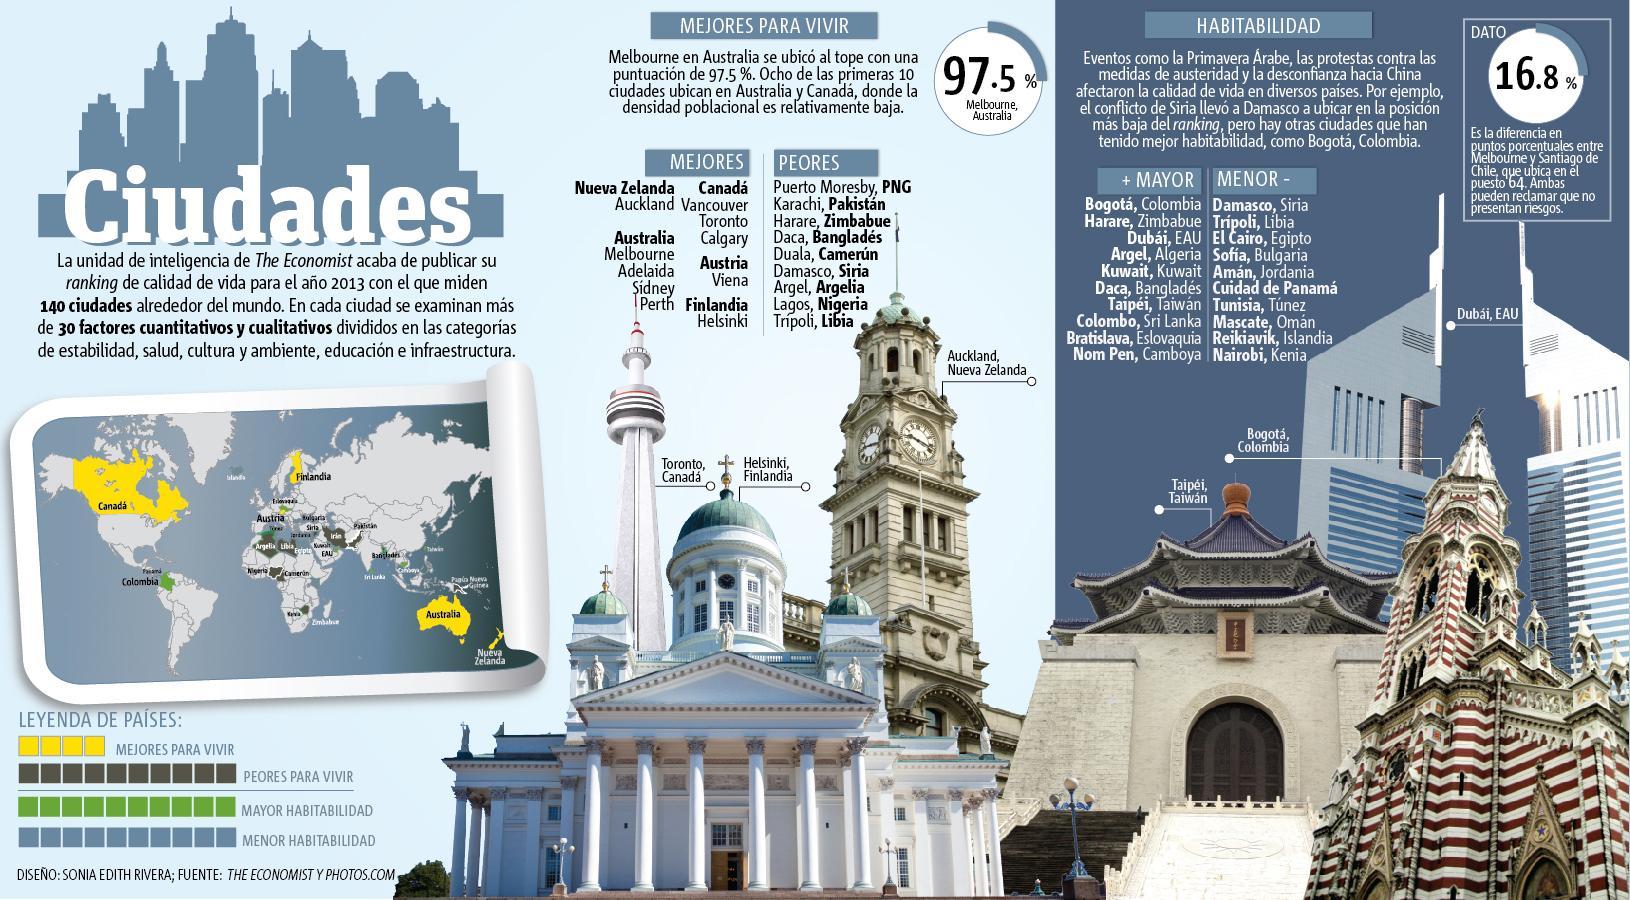 Las mejores ciudades para vivir infograf a pa s vida - Mejores ciudades espanolas para vivir ...